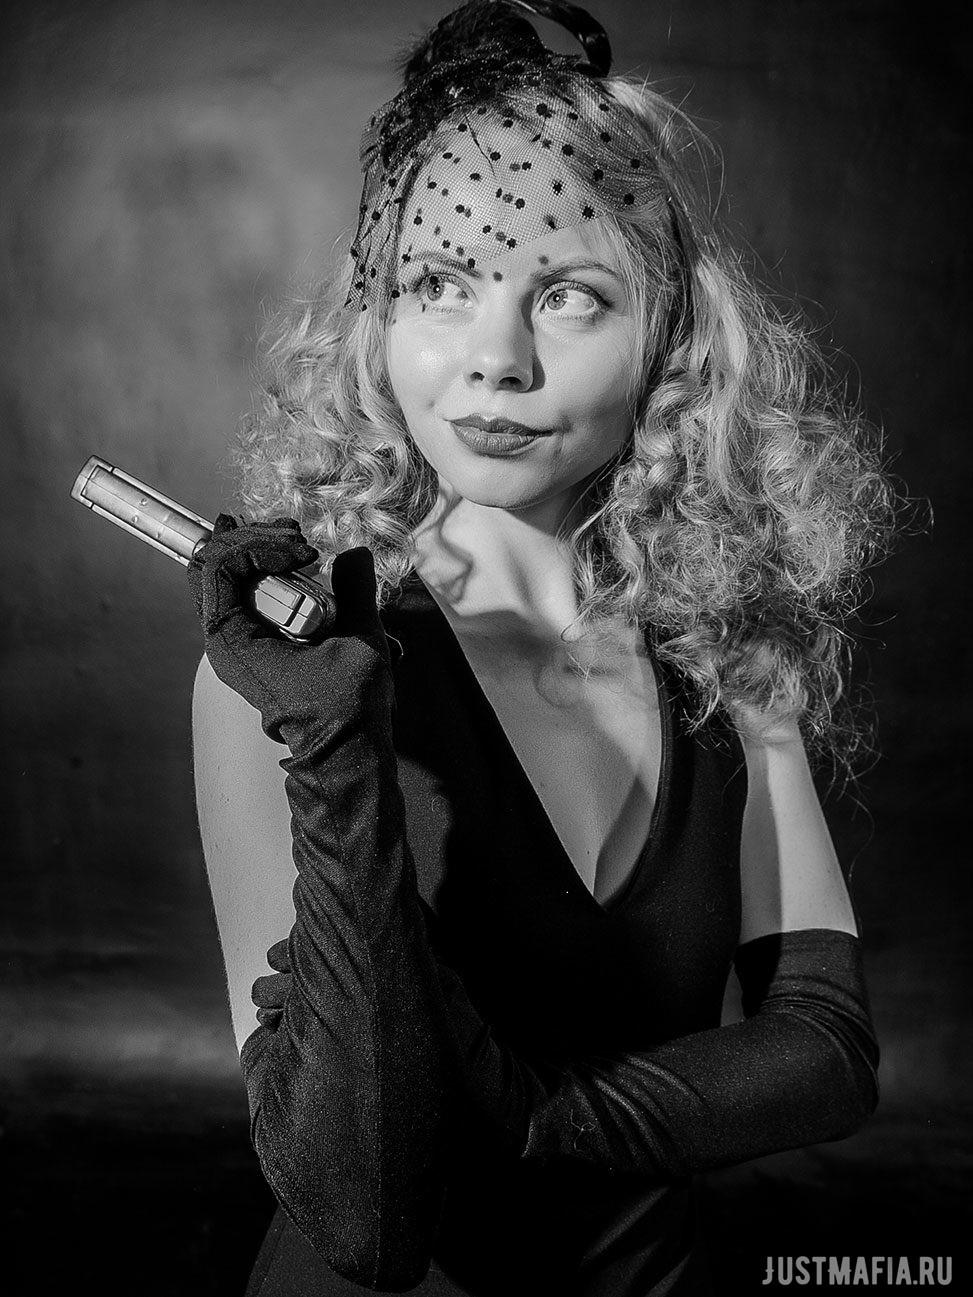 Ведущая Мафии Ольга с пистолетом